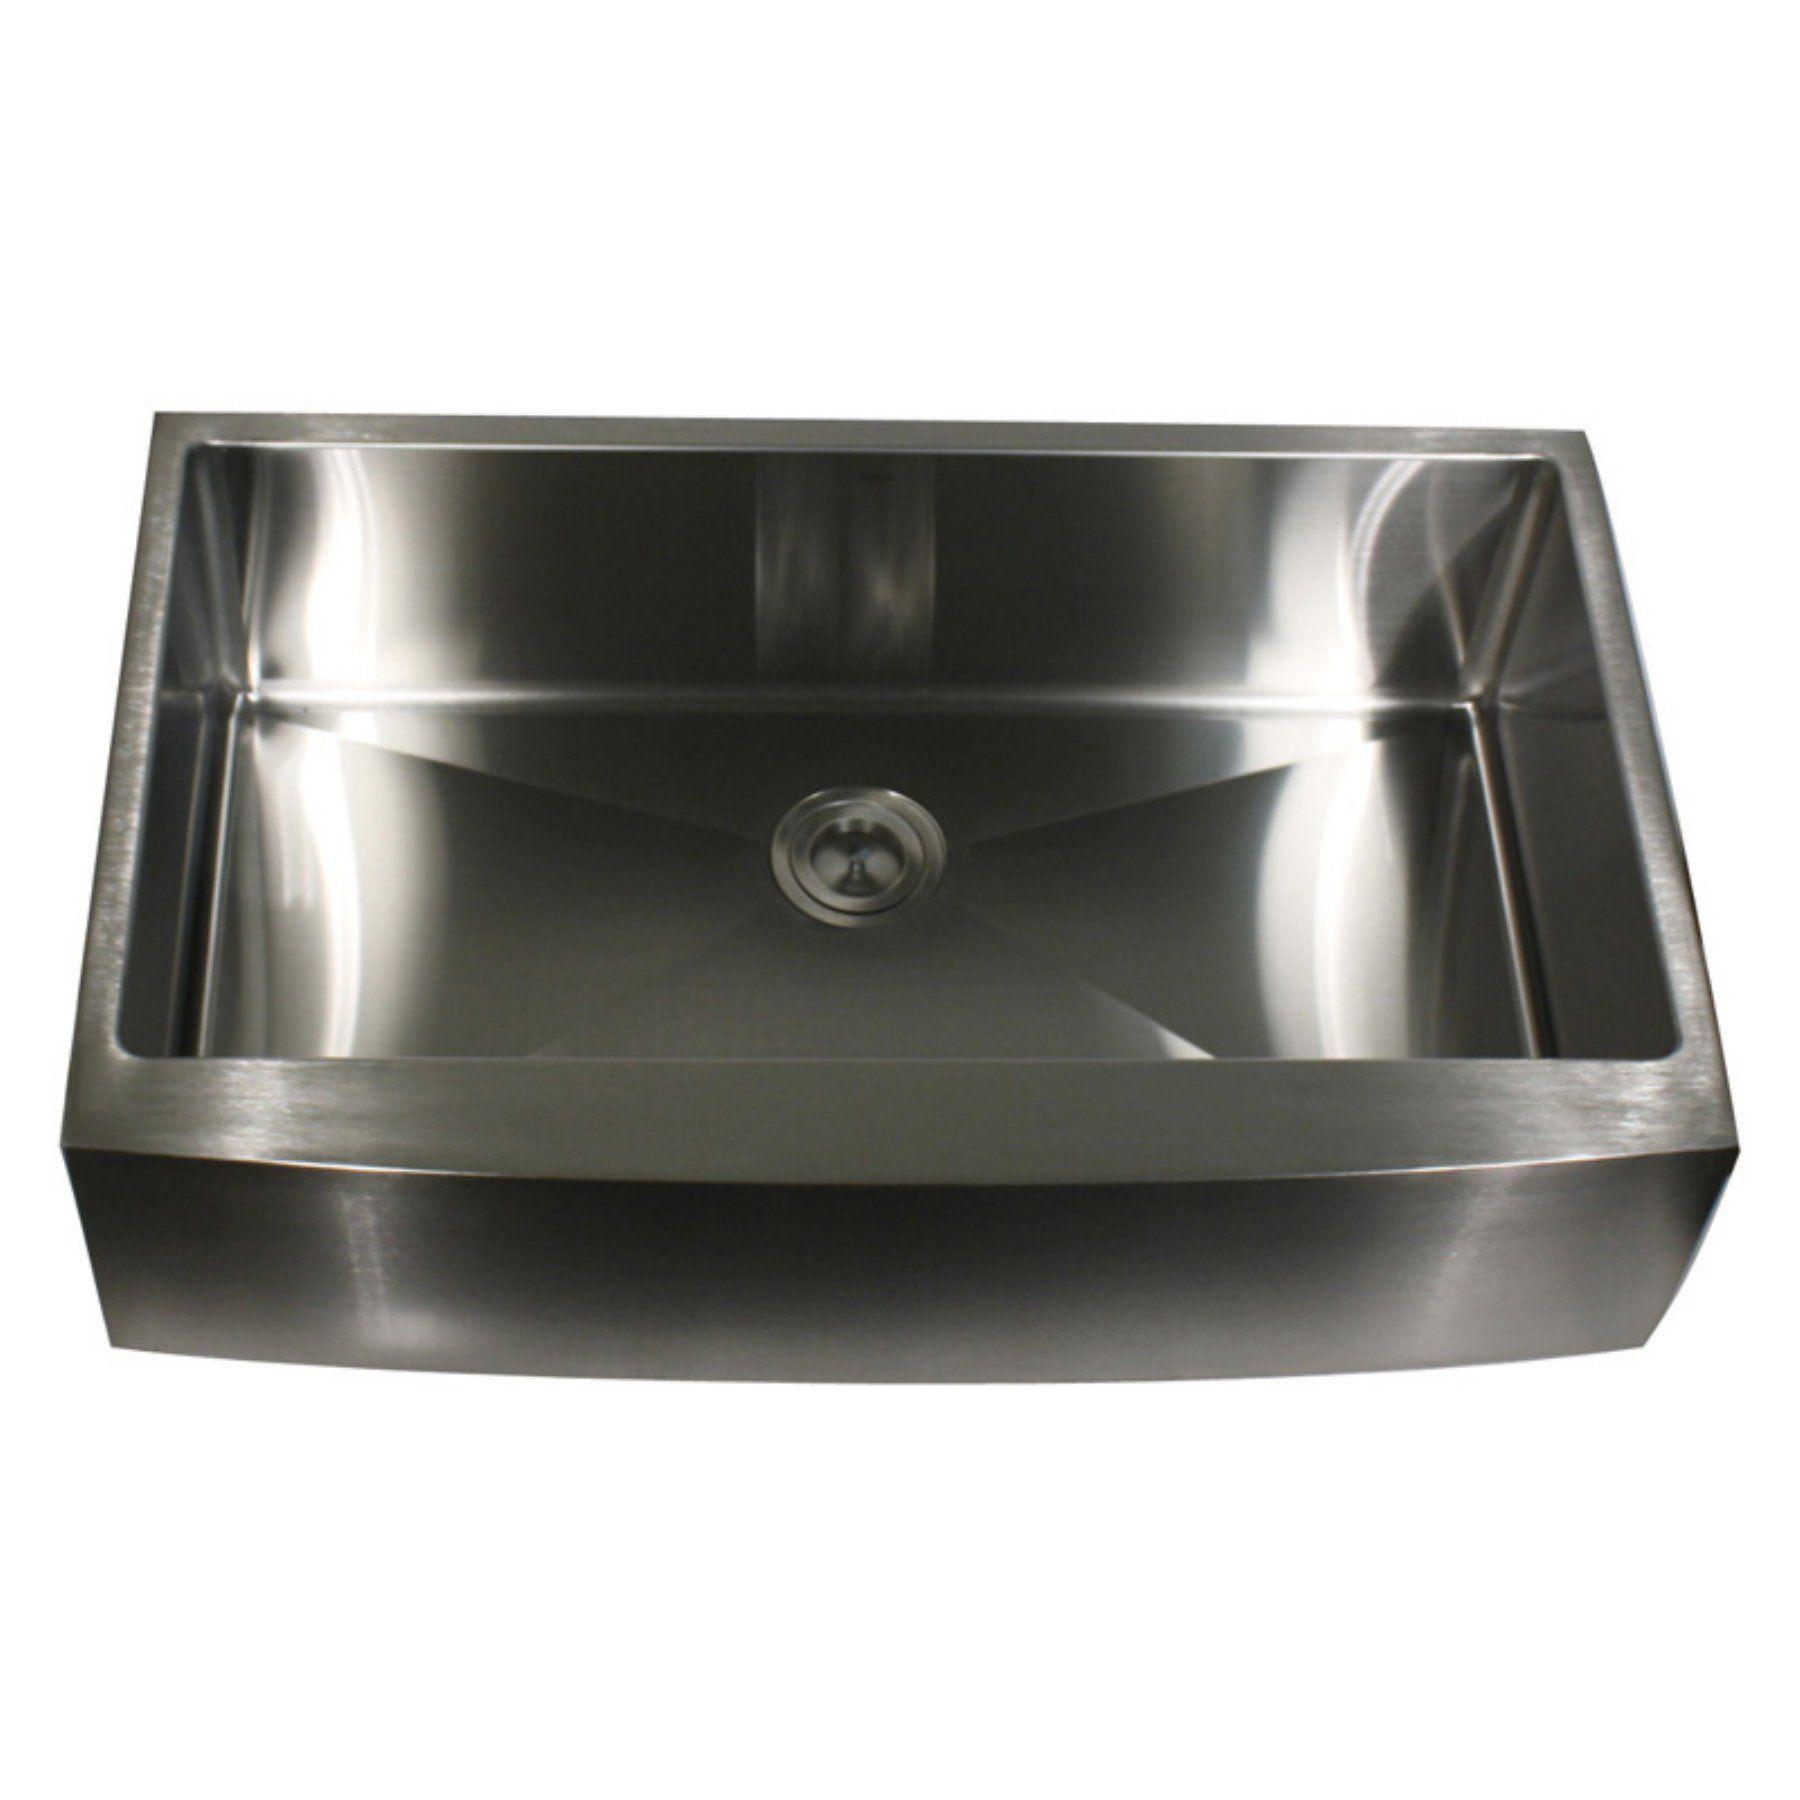 Nantucket Sinks Apron302010 Sr 16 Pro Series Single Basin Farmhouse Apron Kitchen Sink Apron302010 Sr 16 Apron Sink Kitchen Apron Front Kitchen Sink Single Bowl Kitchen Sink